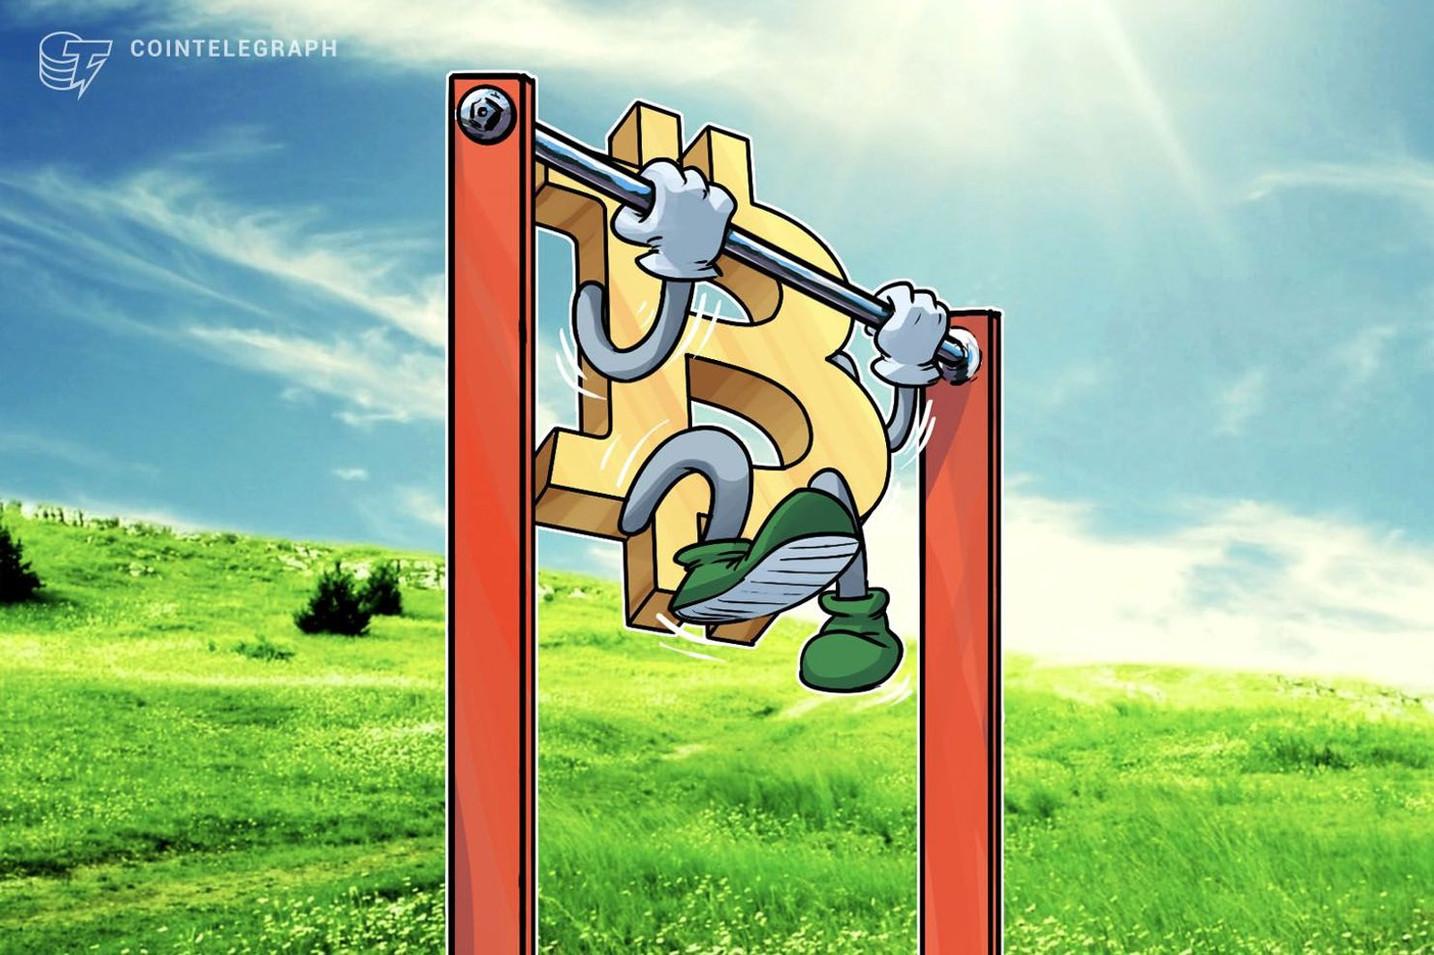 ビットコイン価格、6000ドルのサポートが重要に=カナダの仮想通貨ファンドが分析